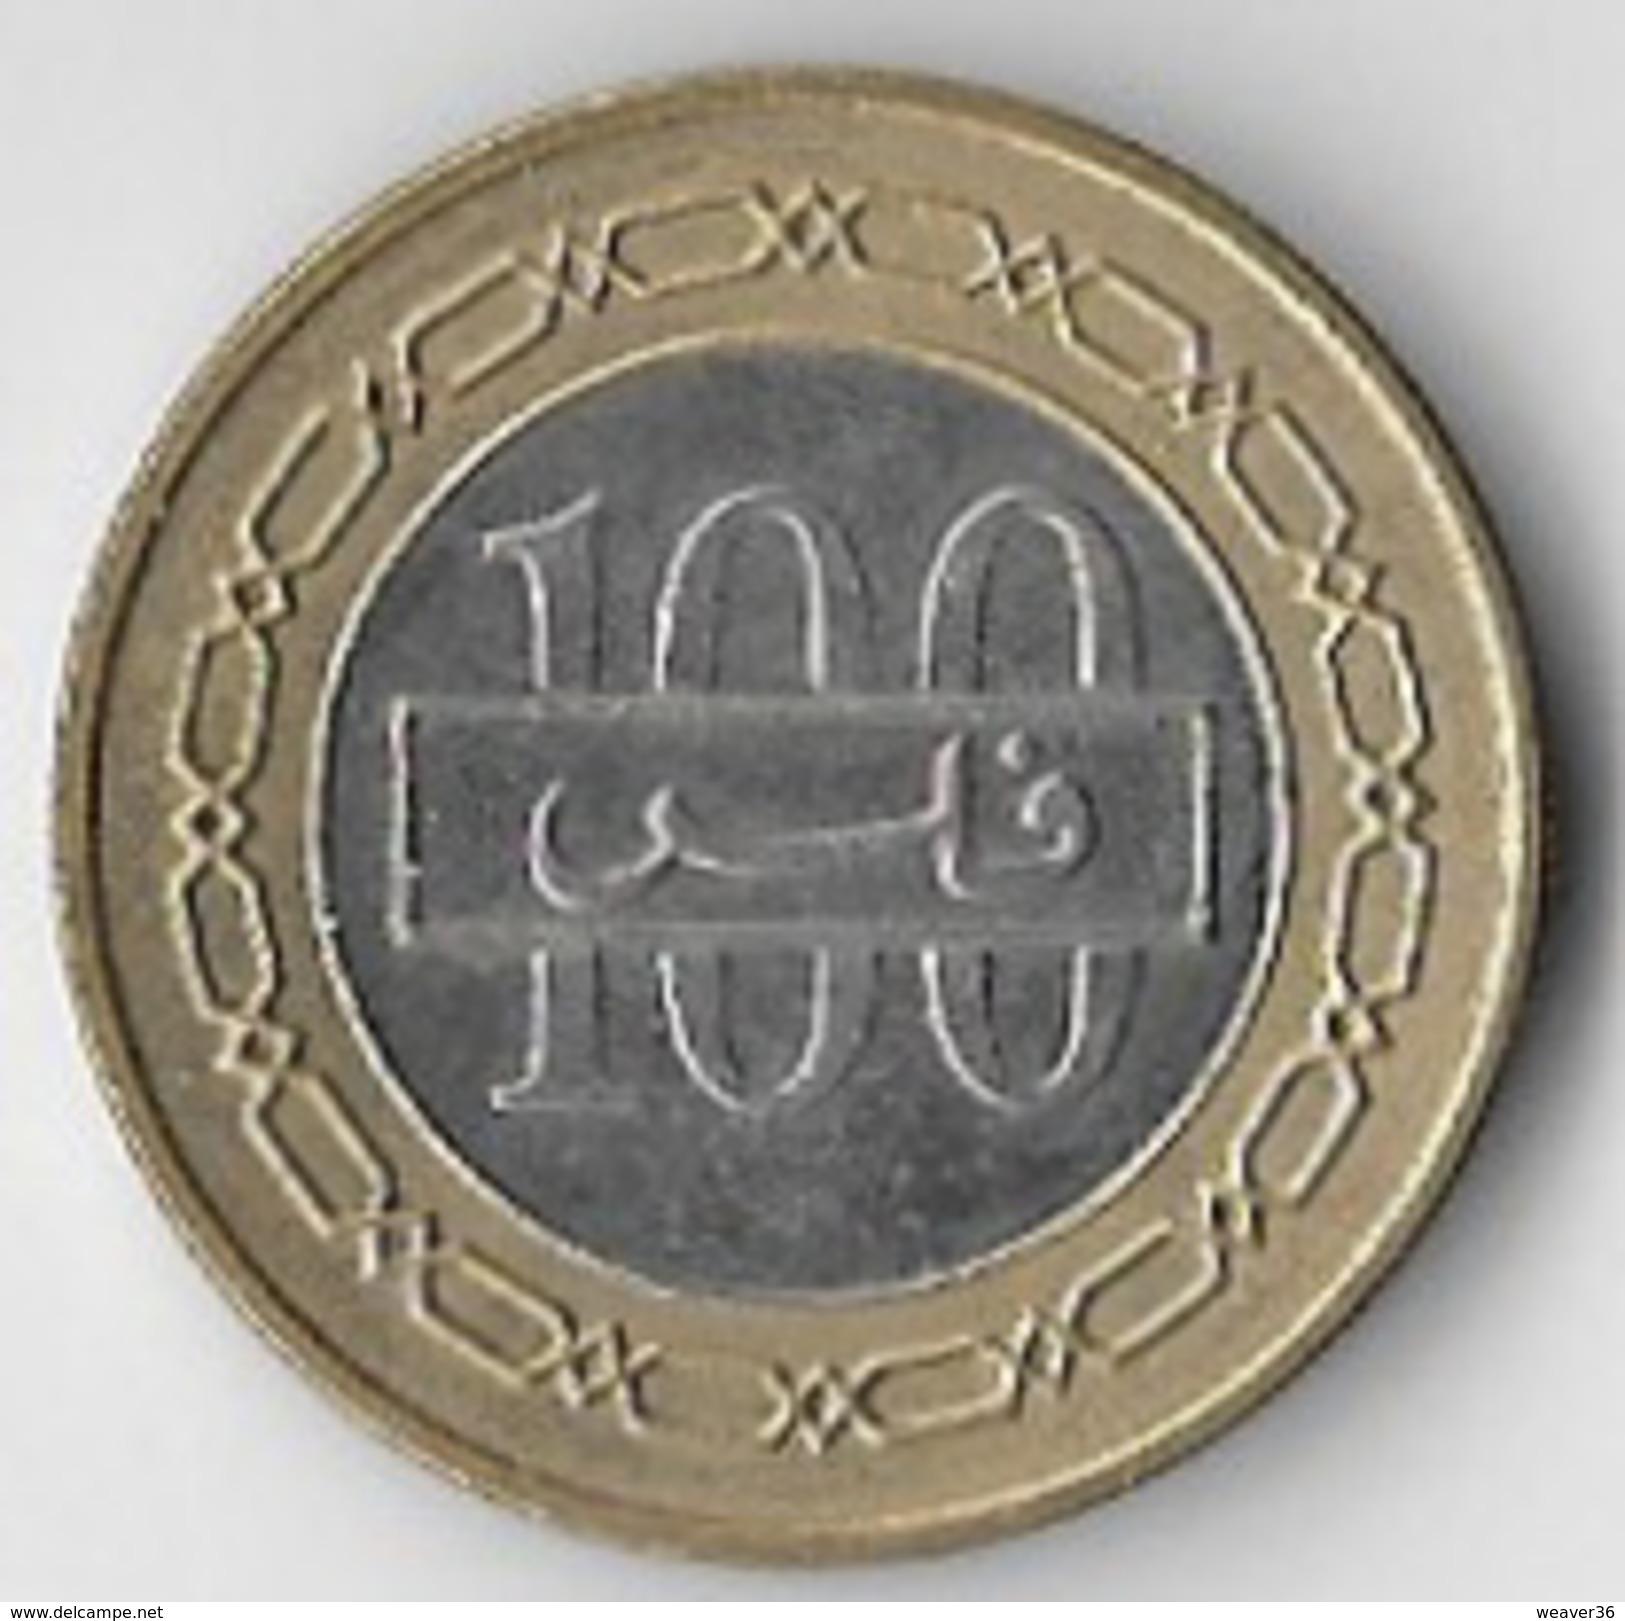 Bahrain 2006 100 Fils [C435/1D] - Bahrain